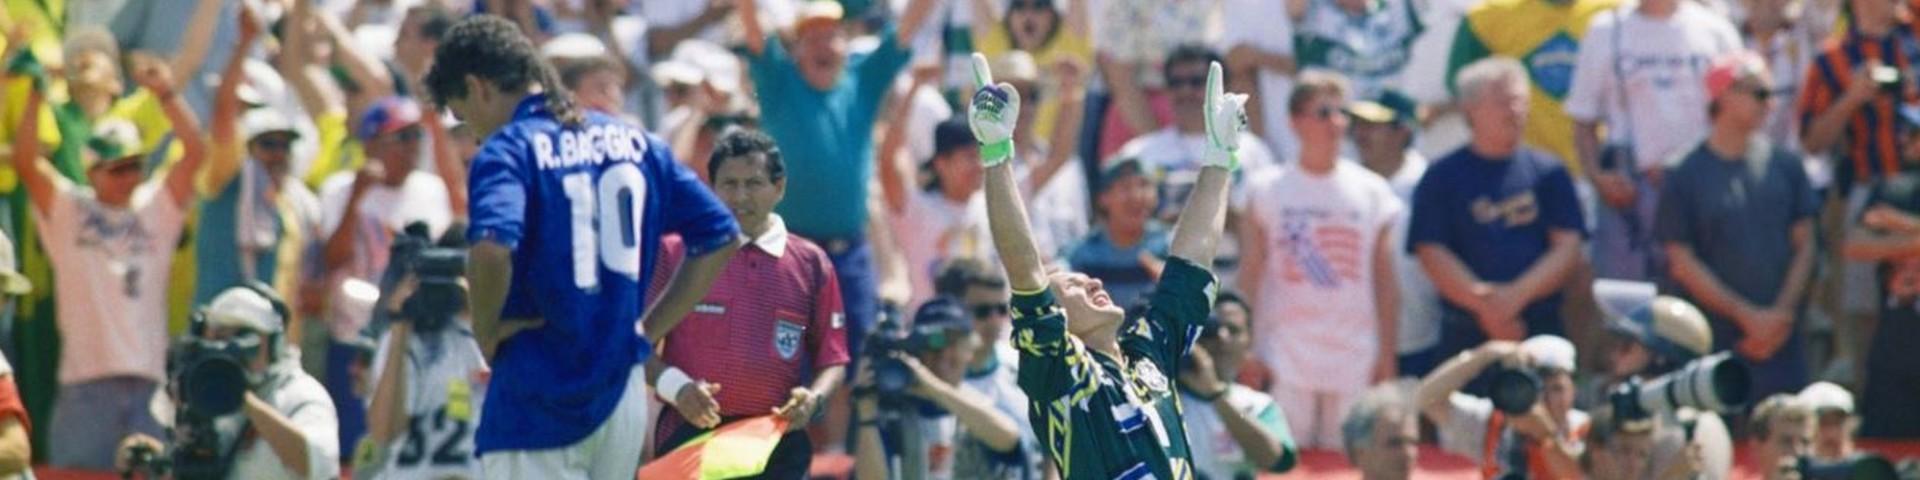 Baggio e il rigore sbagliato ai Mondiali di USA '94 - Video